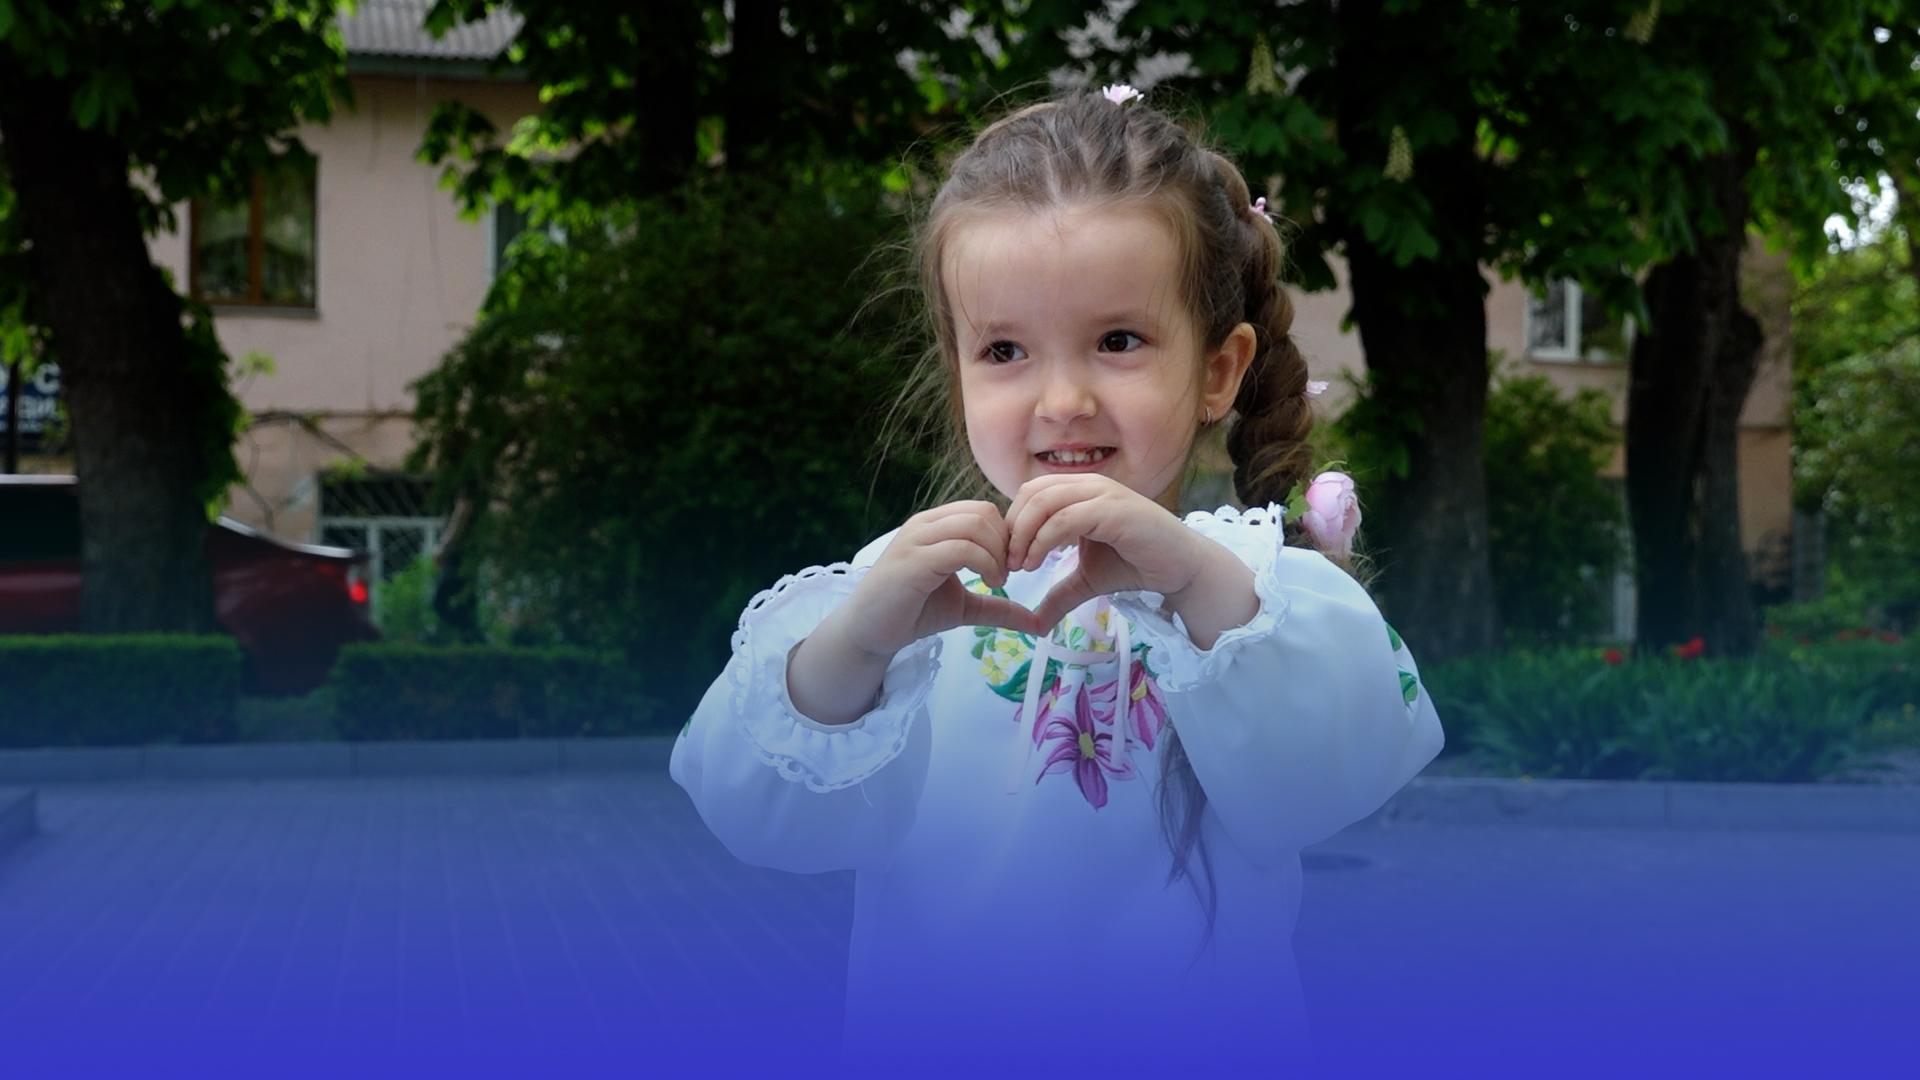 #файнавишиванка2021: Тернопільський міський терцентр організував акцію до дня вишиванки